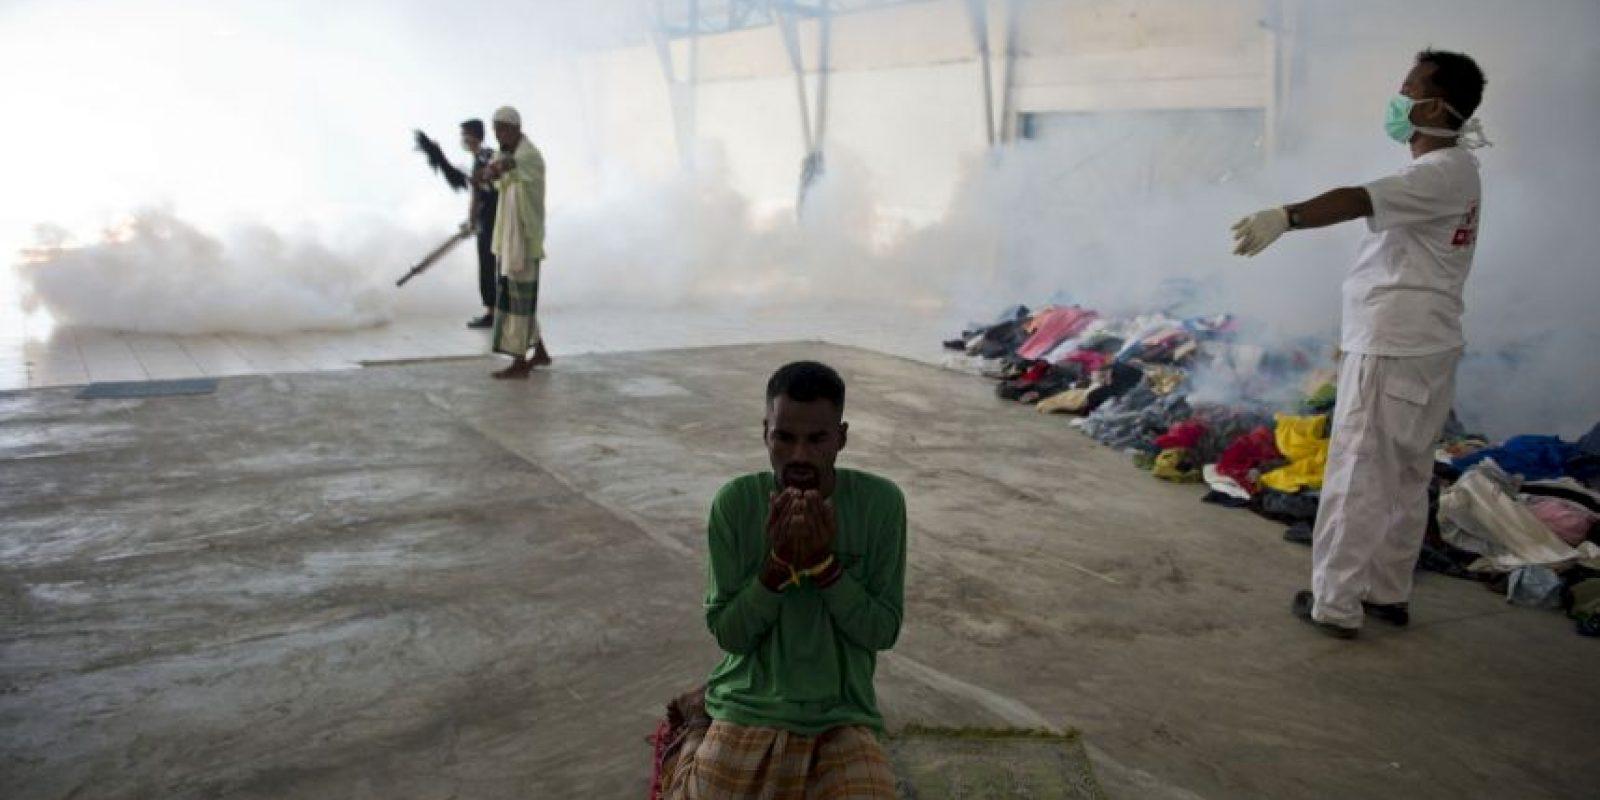 """3. Más de mil personas han perdido la vida en los últimos quince años por ese estrecho que divide a Cuba y a Estados Unidos. """"BBC"""" reseñó que la Guardia costera estadounidense estimó en dos mil 059 la cantidad de cubanos en embarcaciones el pasado año. Foto:AFP"""